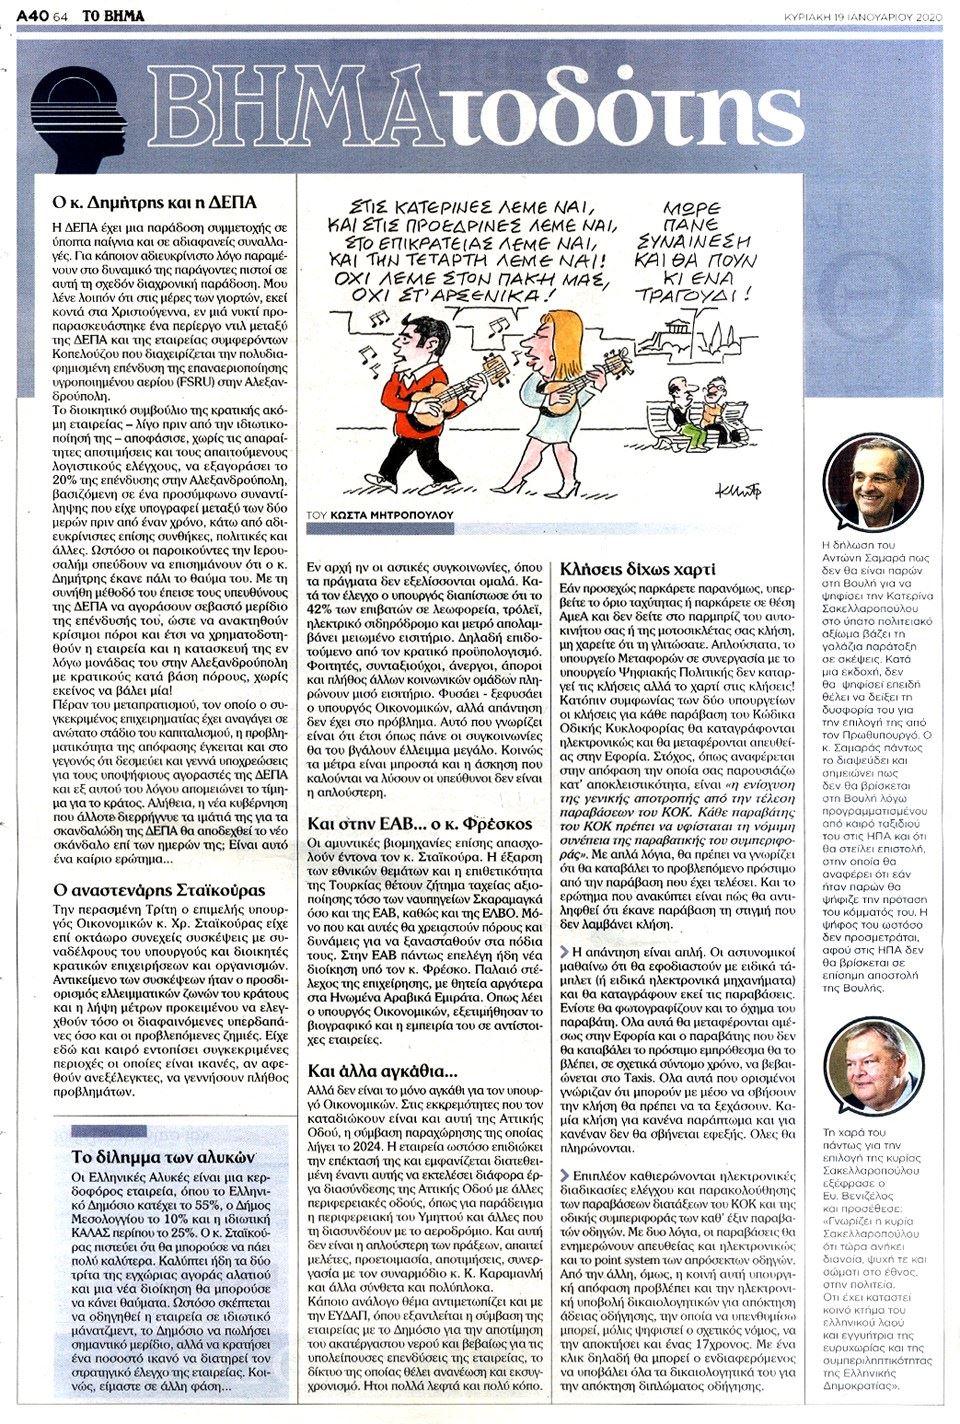 , Τα Πρωτοσέλιδα και τα Οπισθόφυλλα των εφημερίδων της Κυριακής 19 Ιανουαρίου 2020